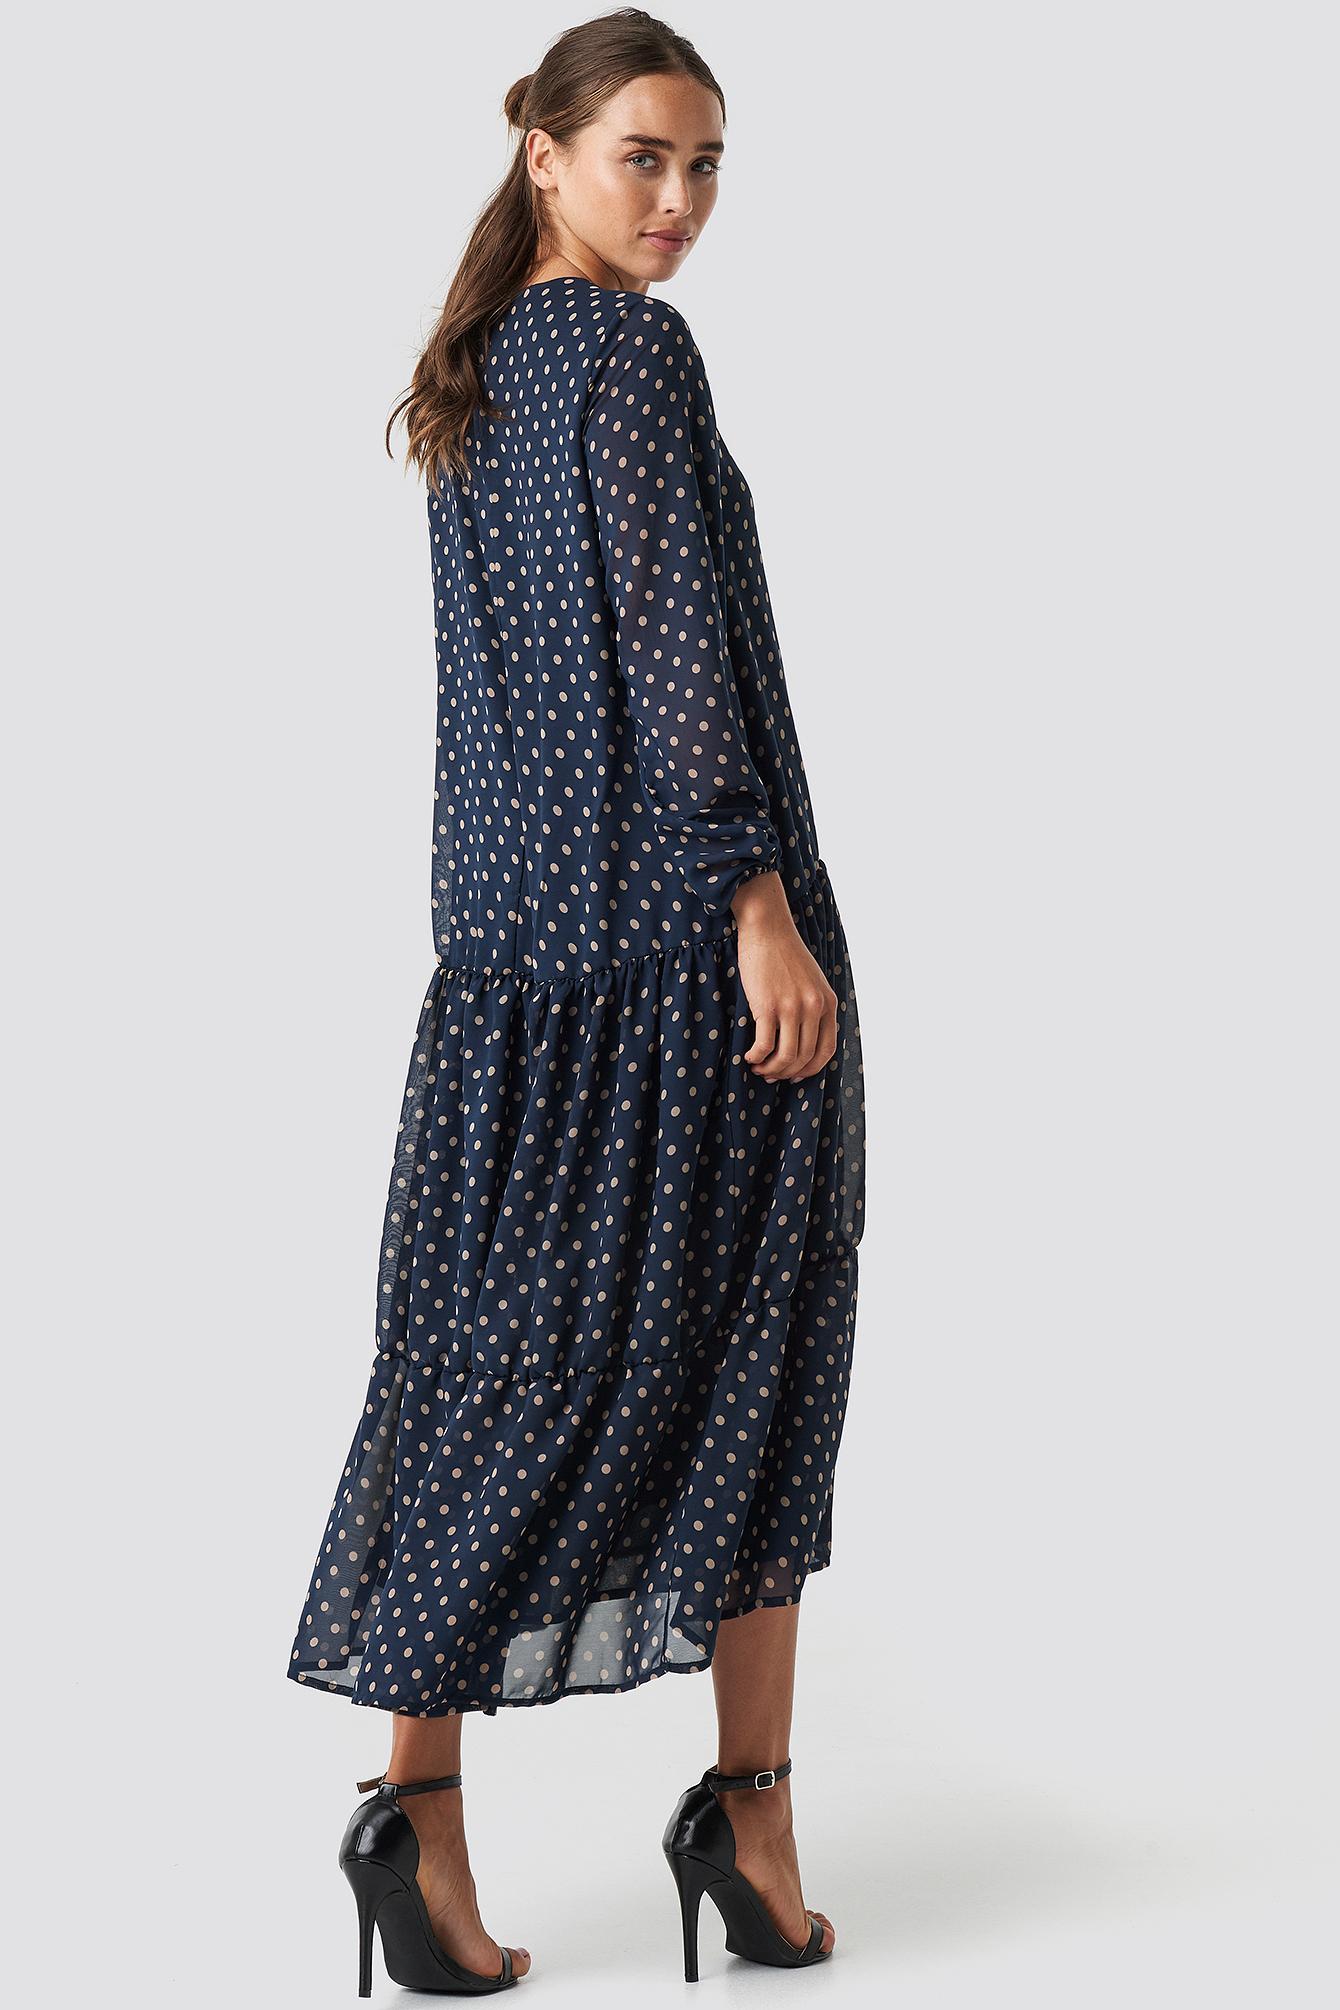 Dotted Ruffle Chiffon Dress NA-KD.COM